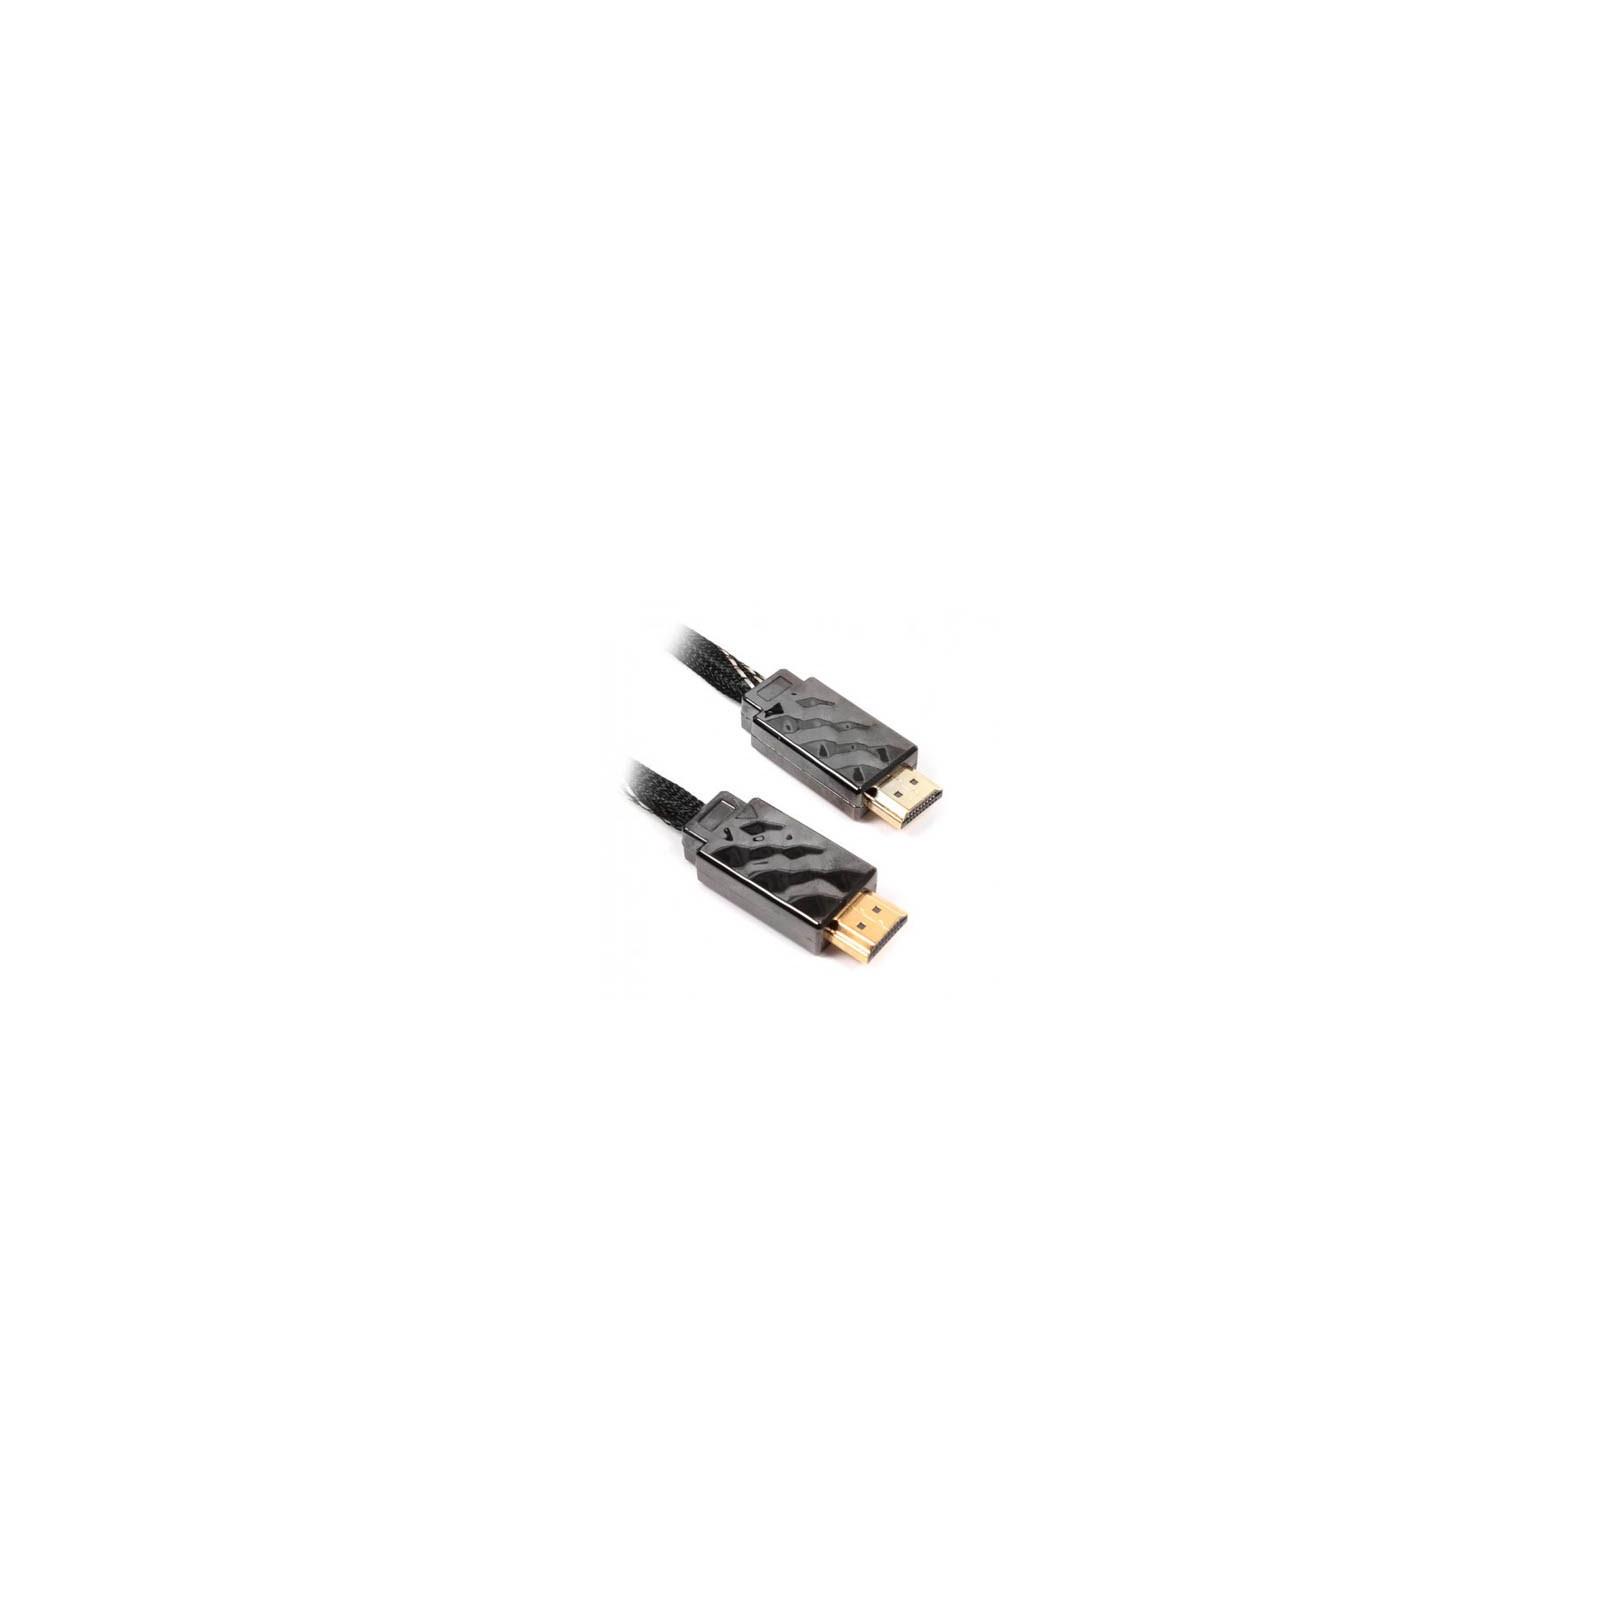 Кабель мультимедийный HDMI to HDMI 5.0m Viewcon (VD 515-5м.)